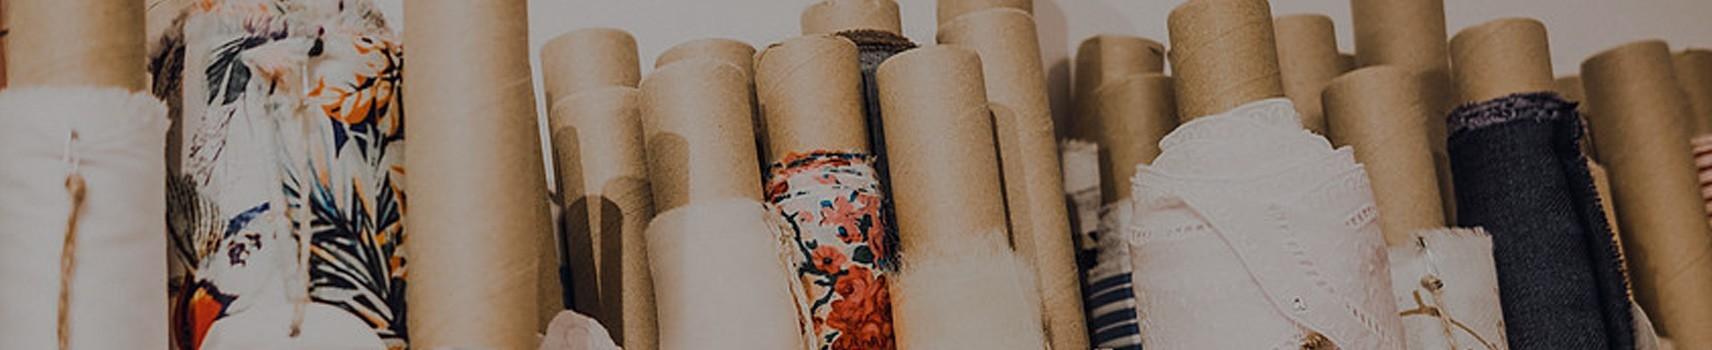 La boutique en ligne des Tissus de confection haut de gamme